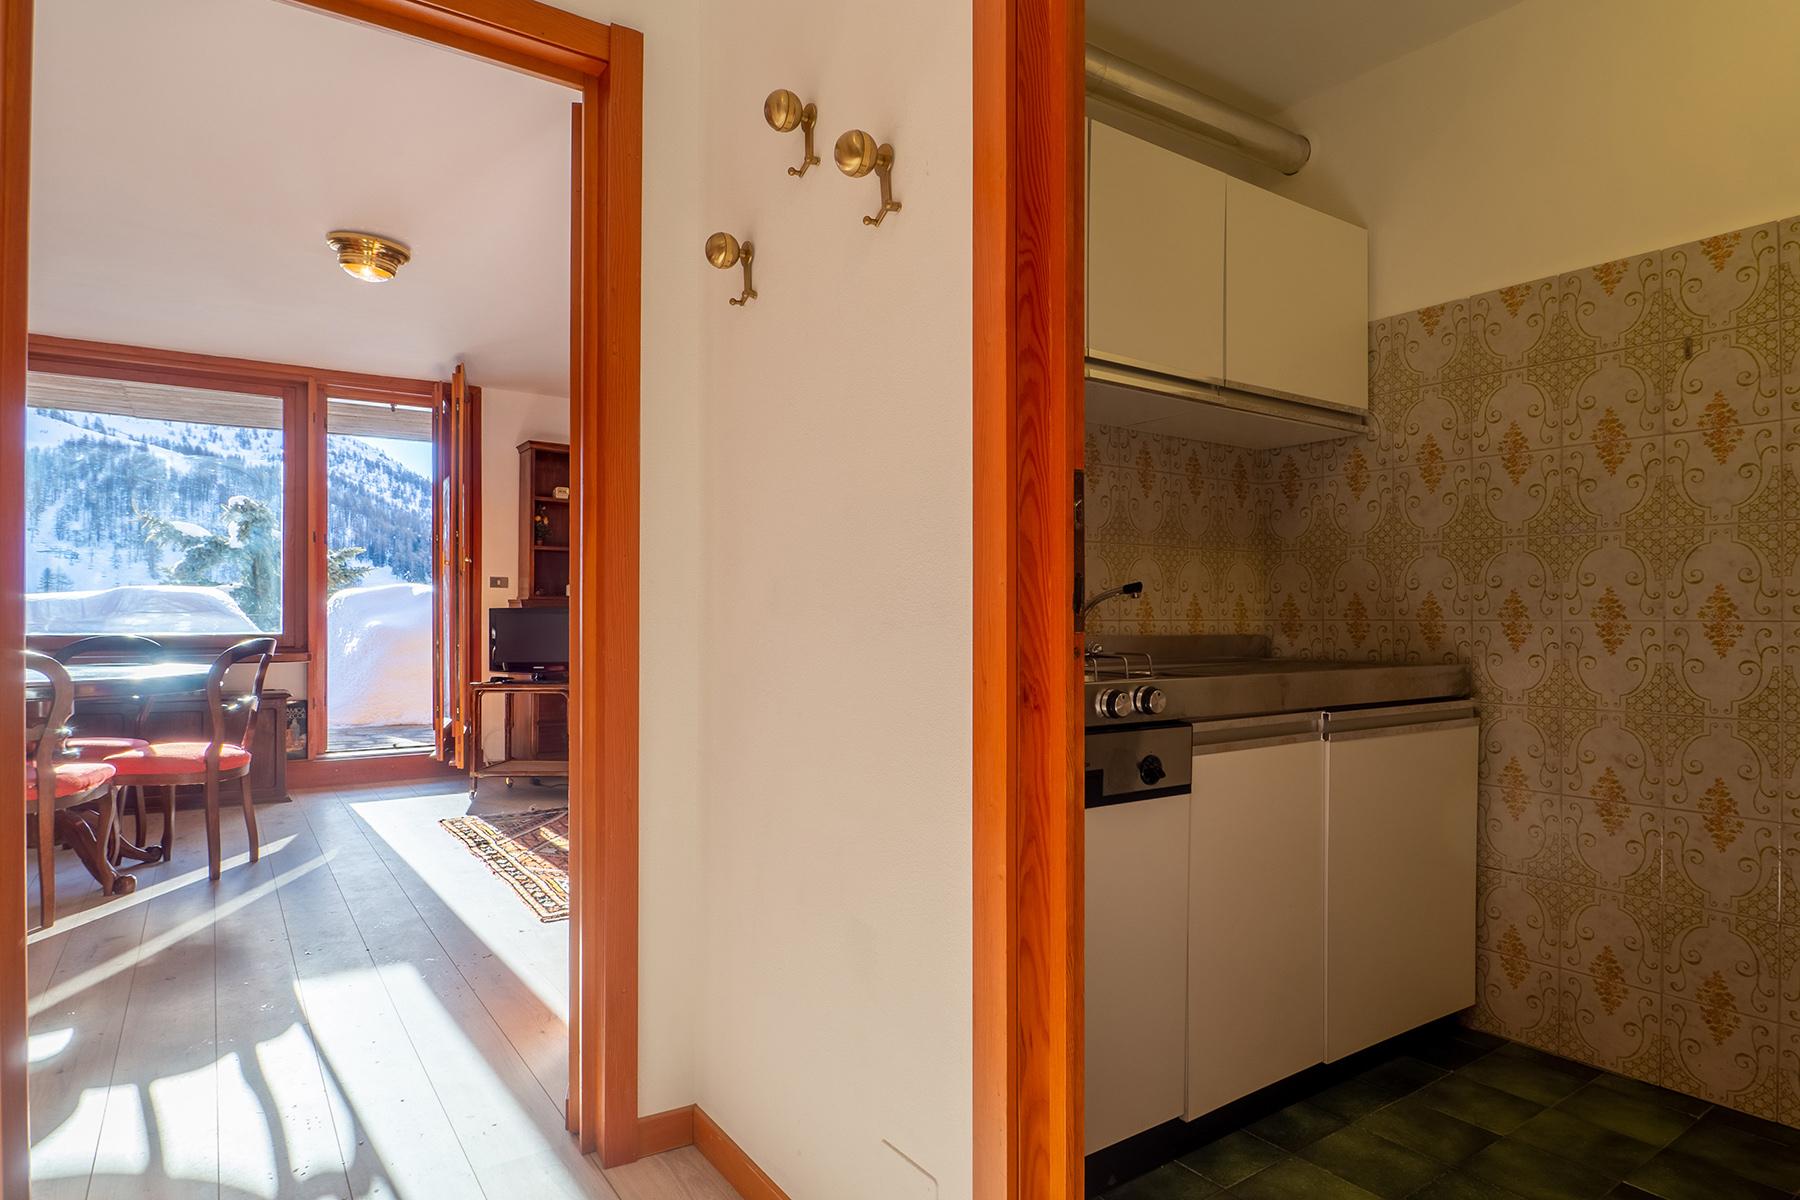 Appartamento in Vendita a Sestriere: 1 locali, 53 mq - Foto 4